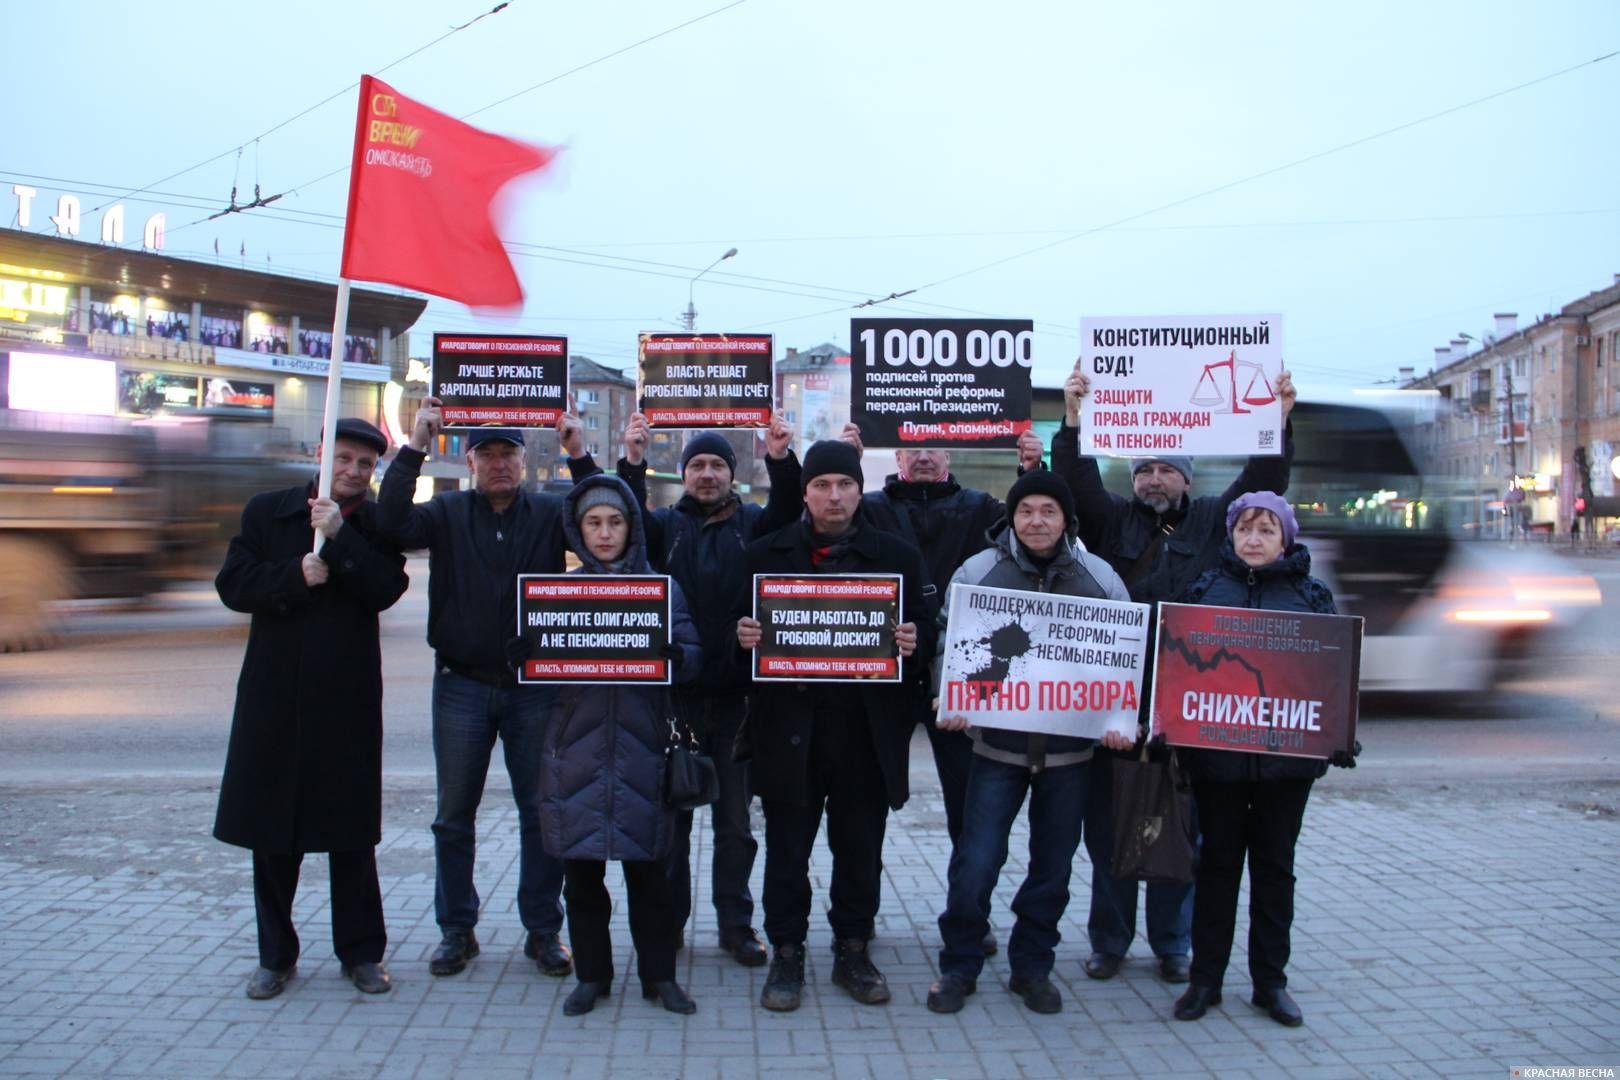 Пикет против пенсионной реформы в Омске